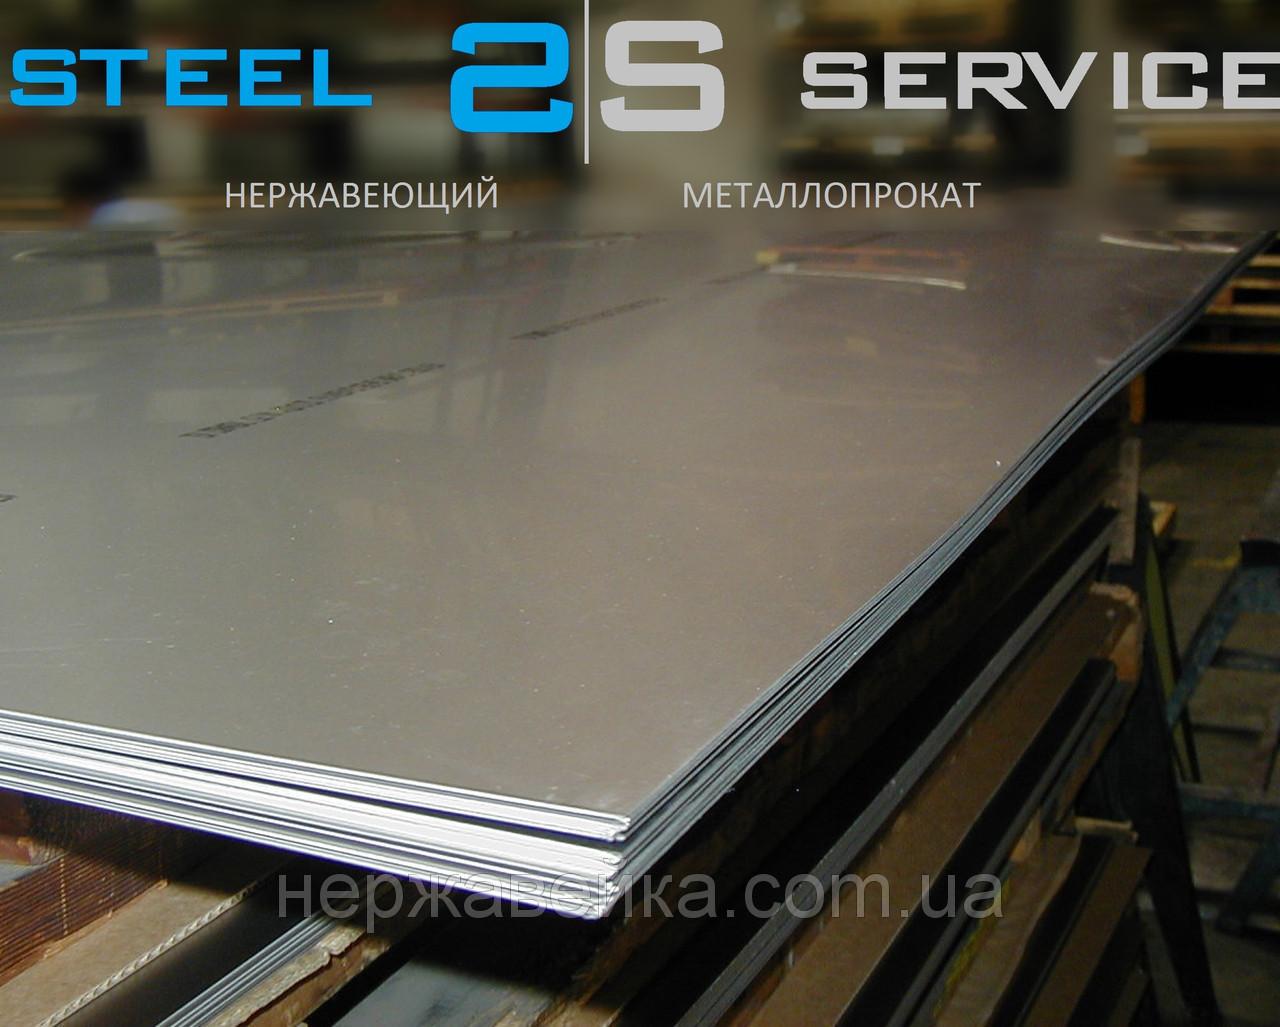 Нержавейка лист 30х1500х6000мм  AISI 321(08Х18Н10Т) F1 - горячекатанный,  пищевой